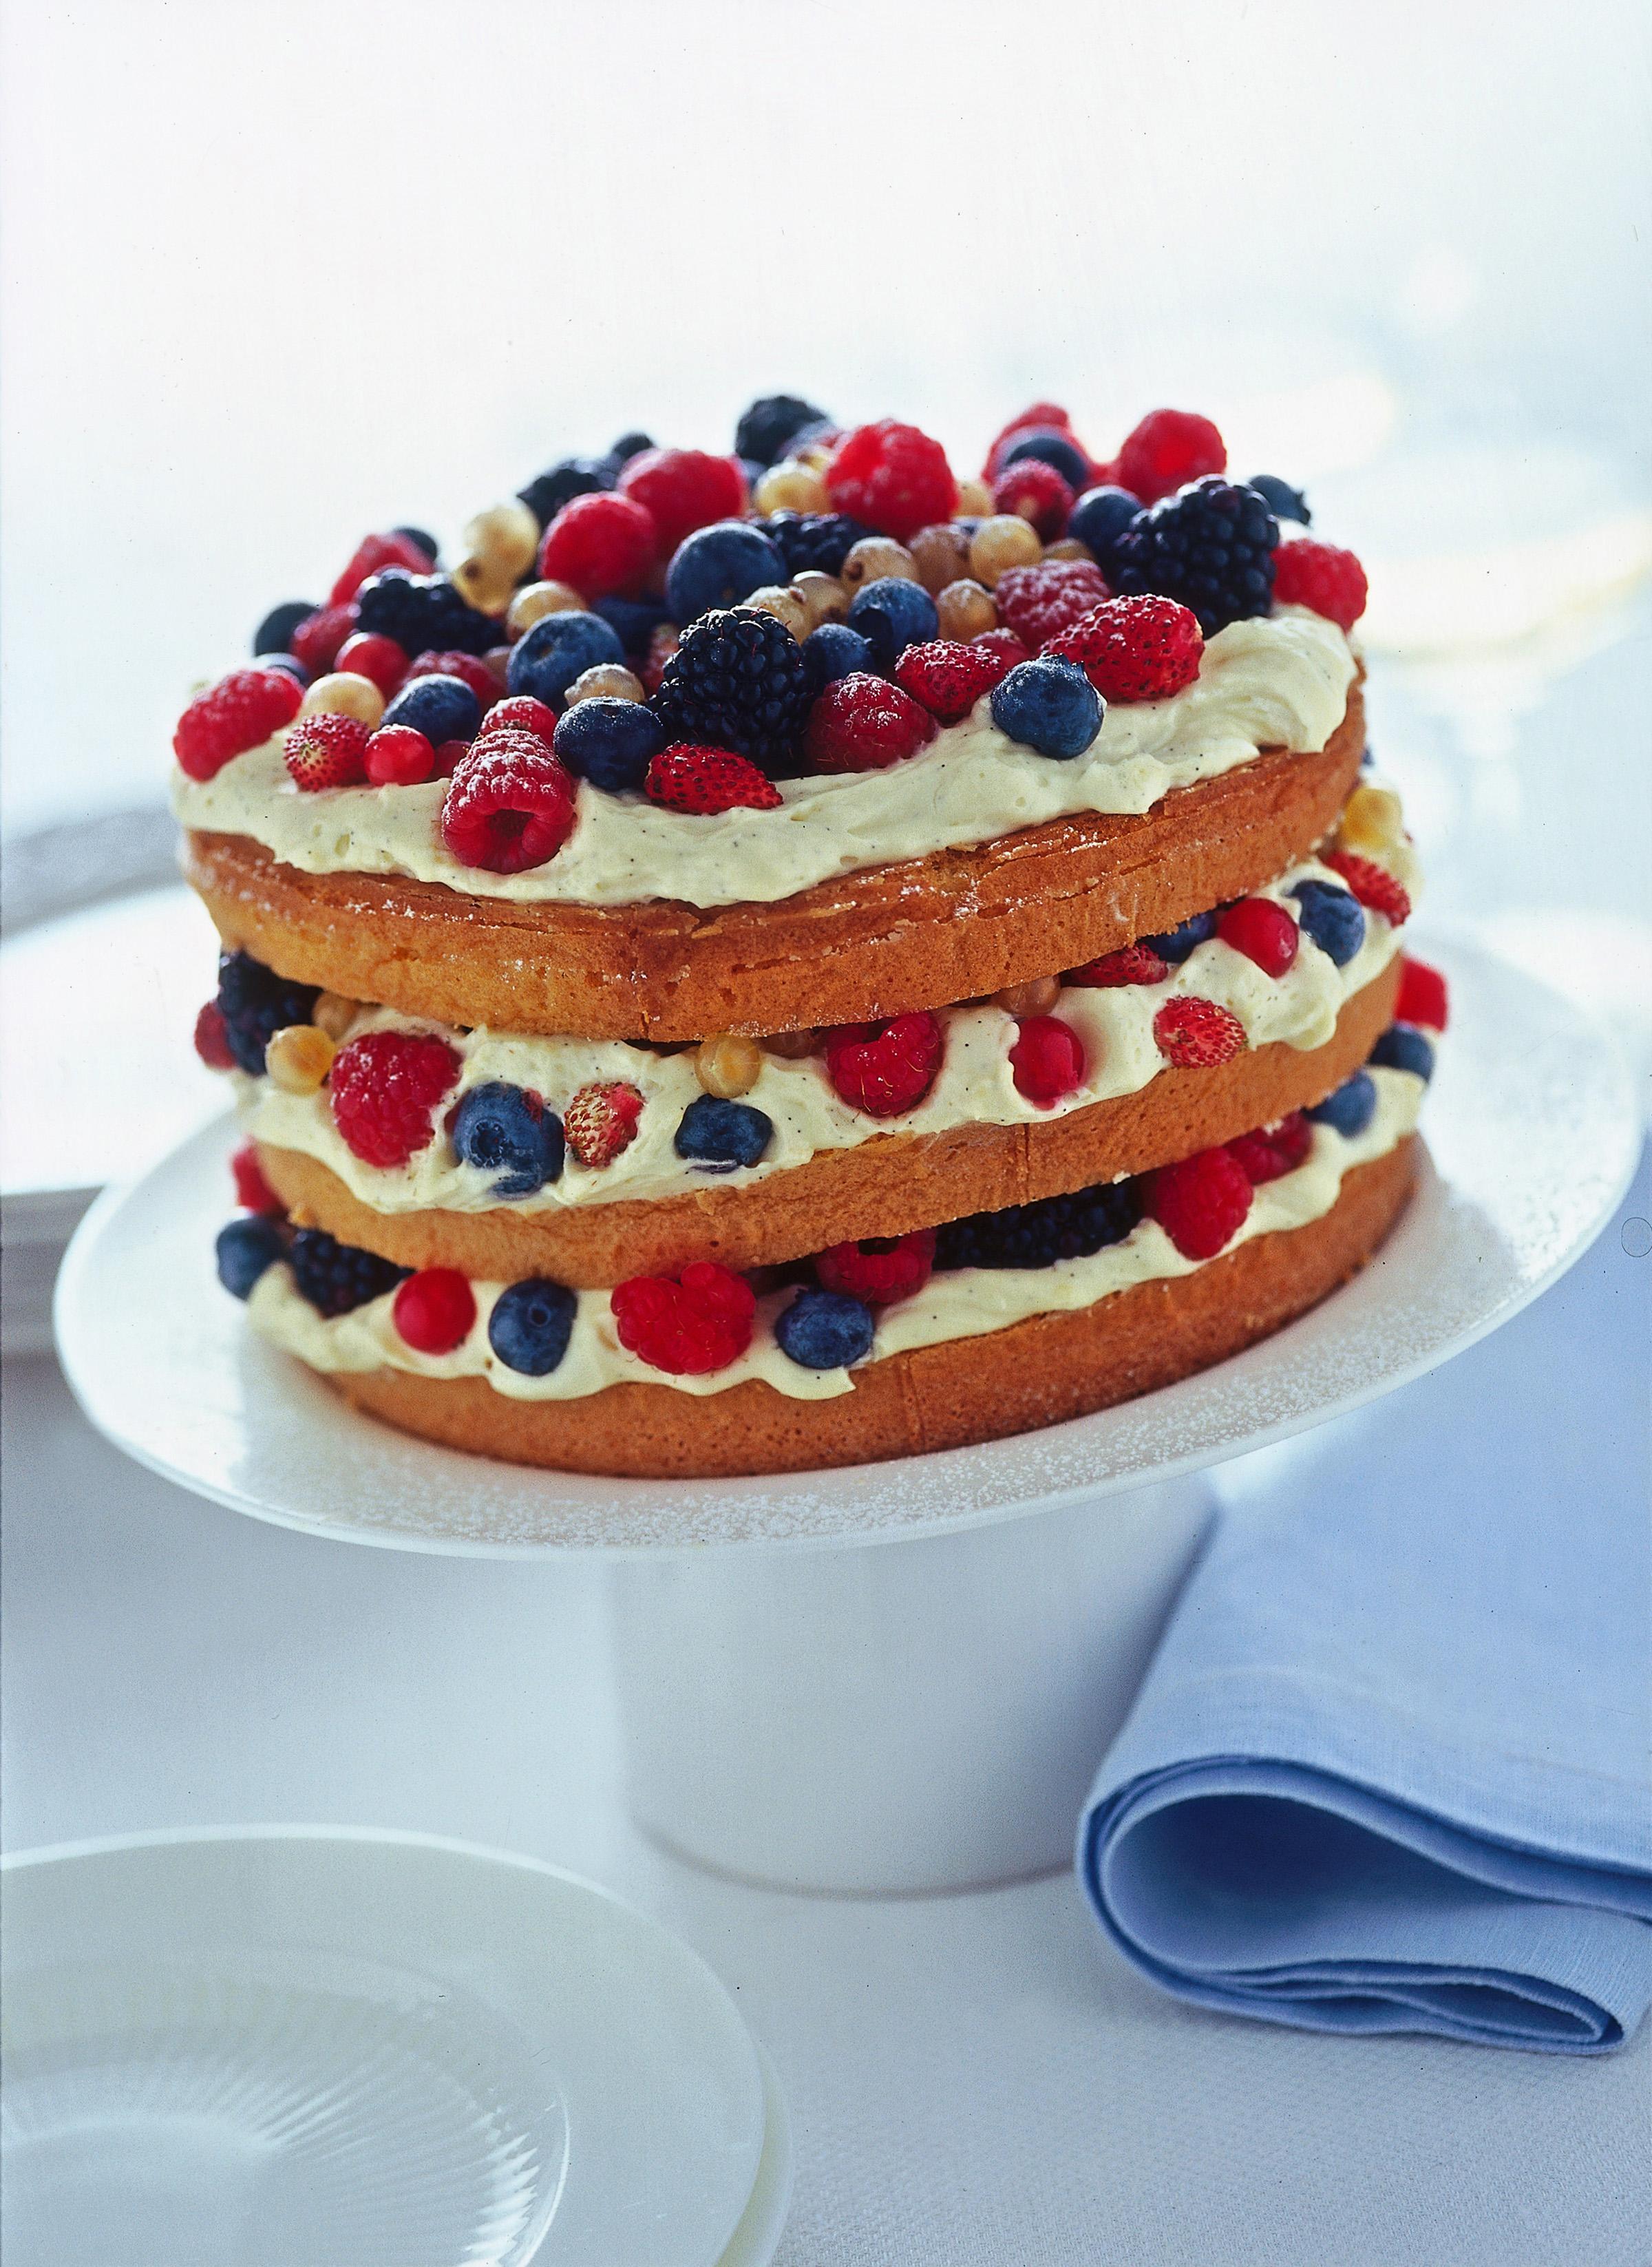 Le 10 Migliori Ricette Di Torte Alla Frutta Sale Amp Pepe